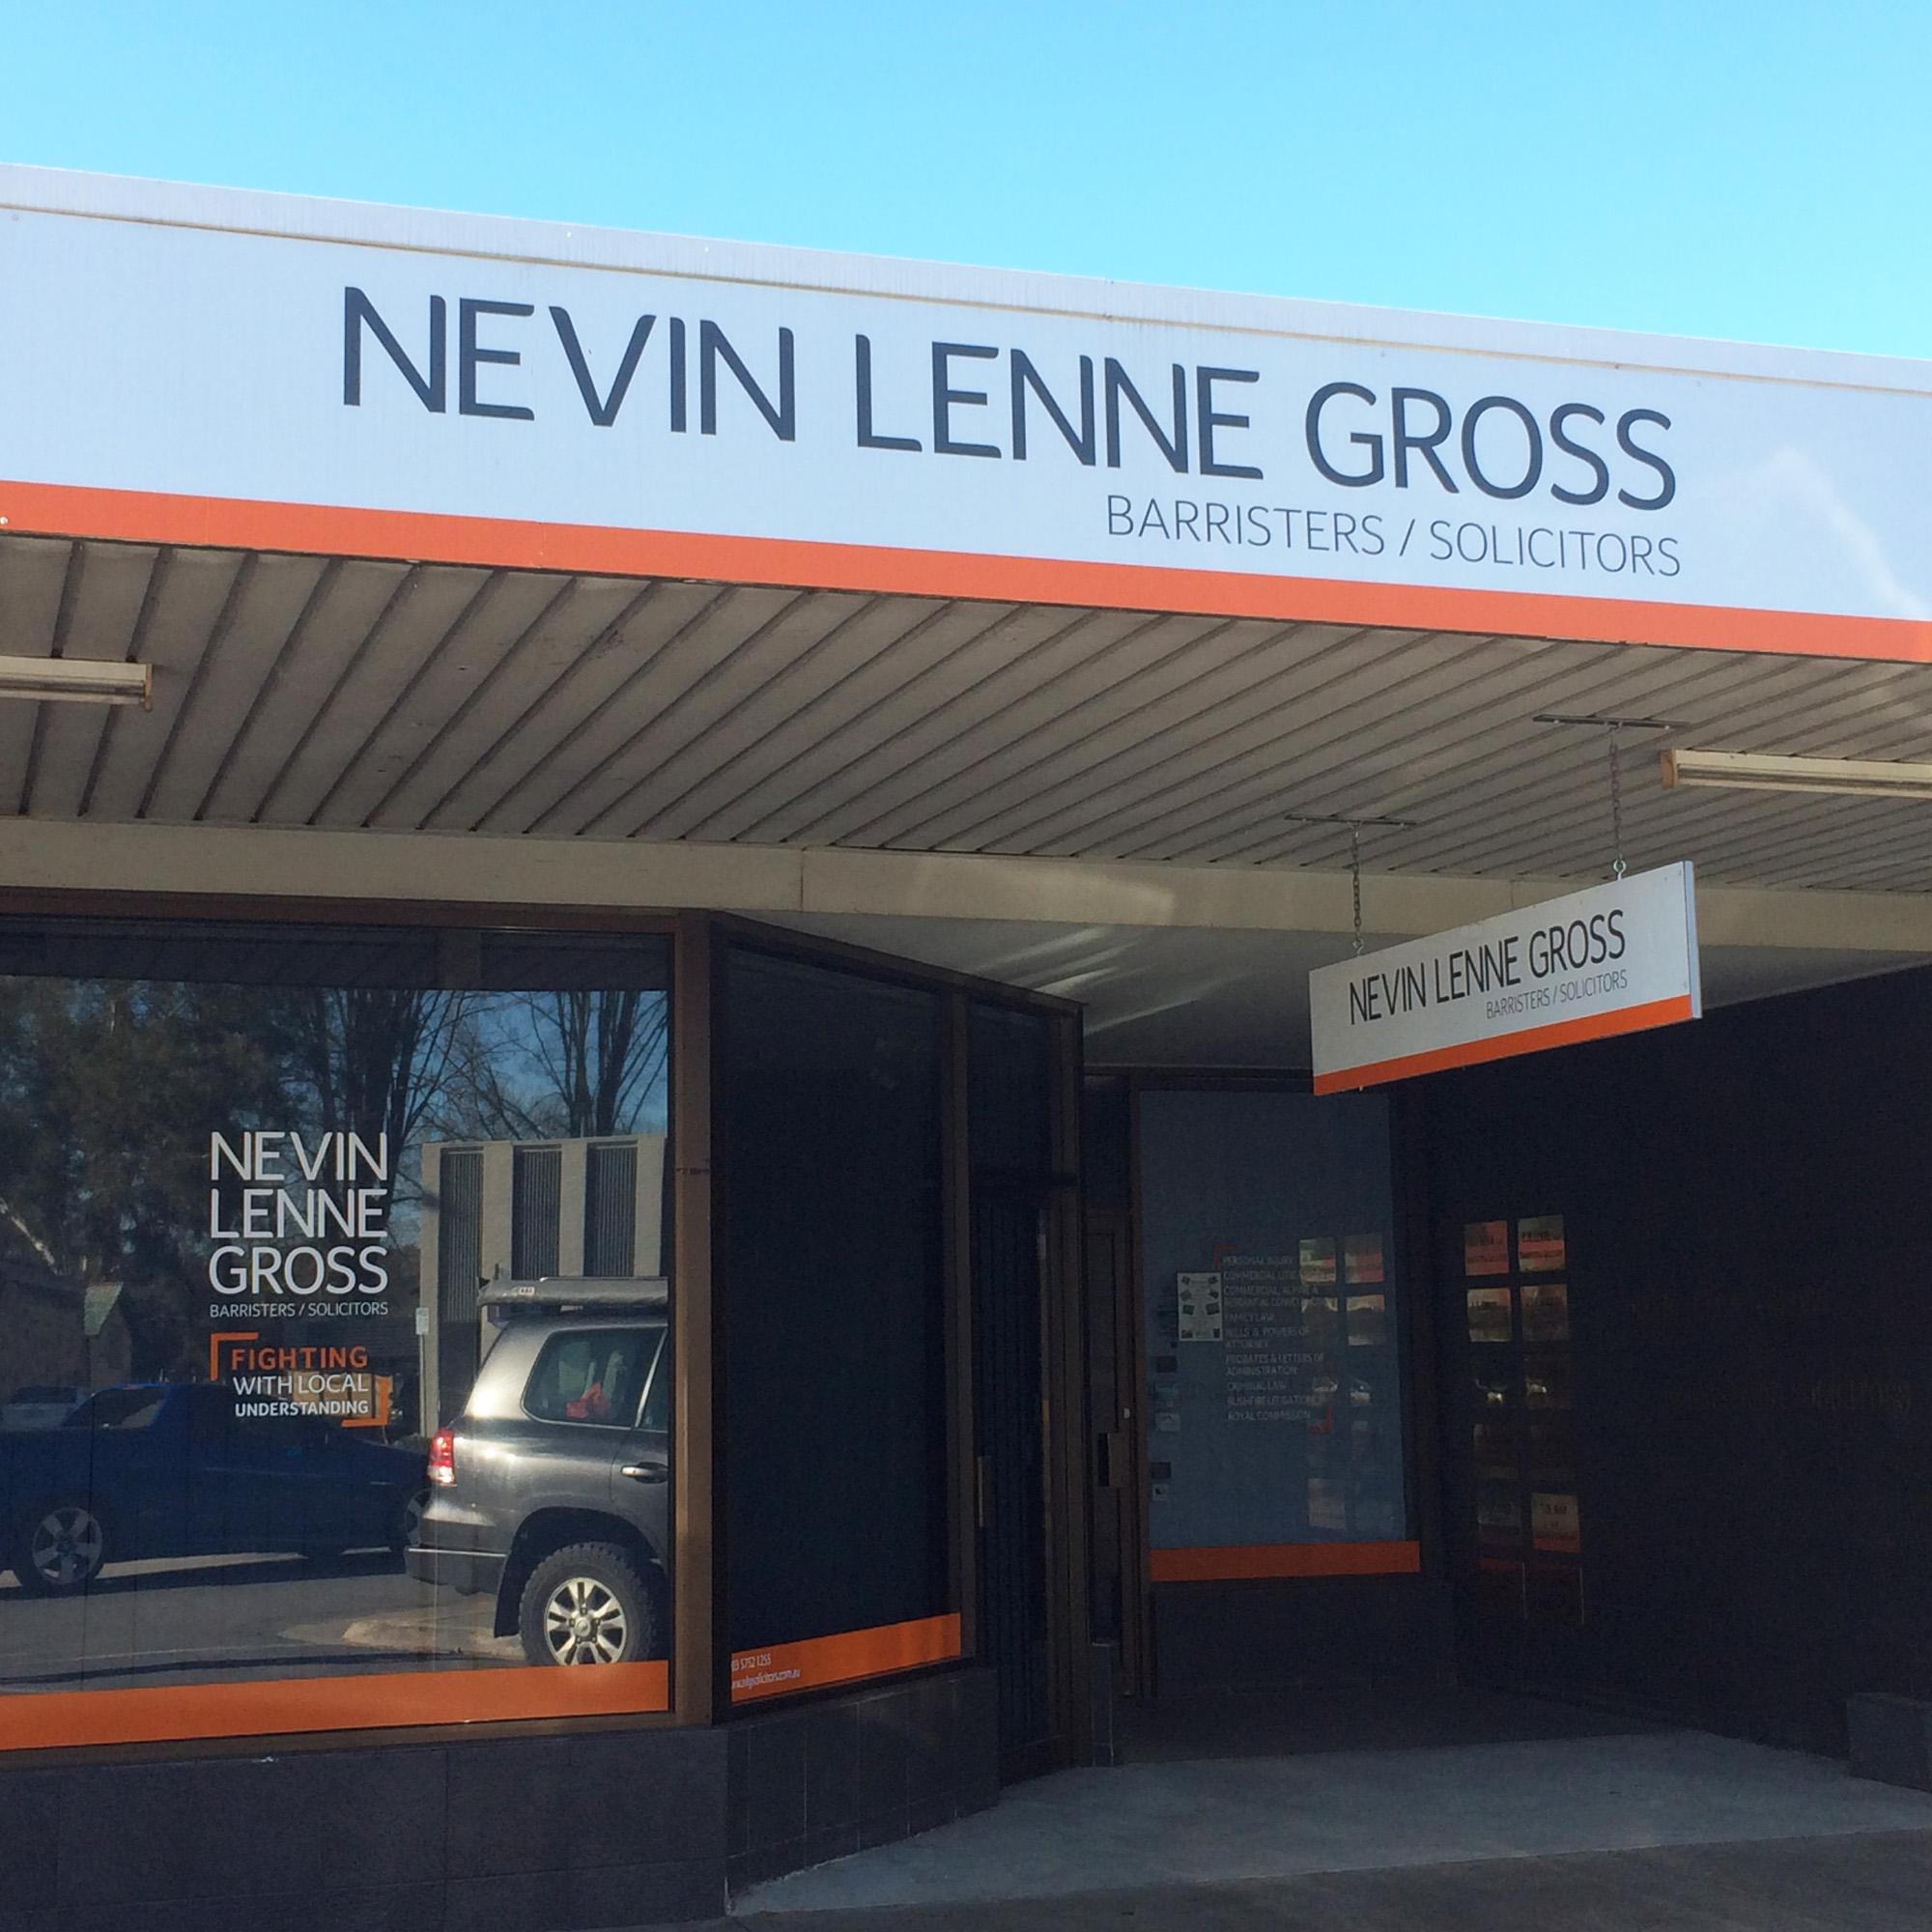 Nevin Lenne Gross